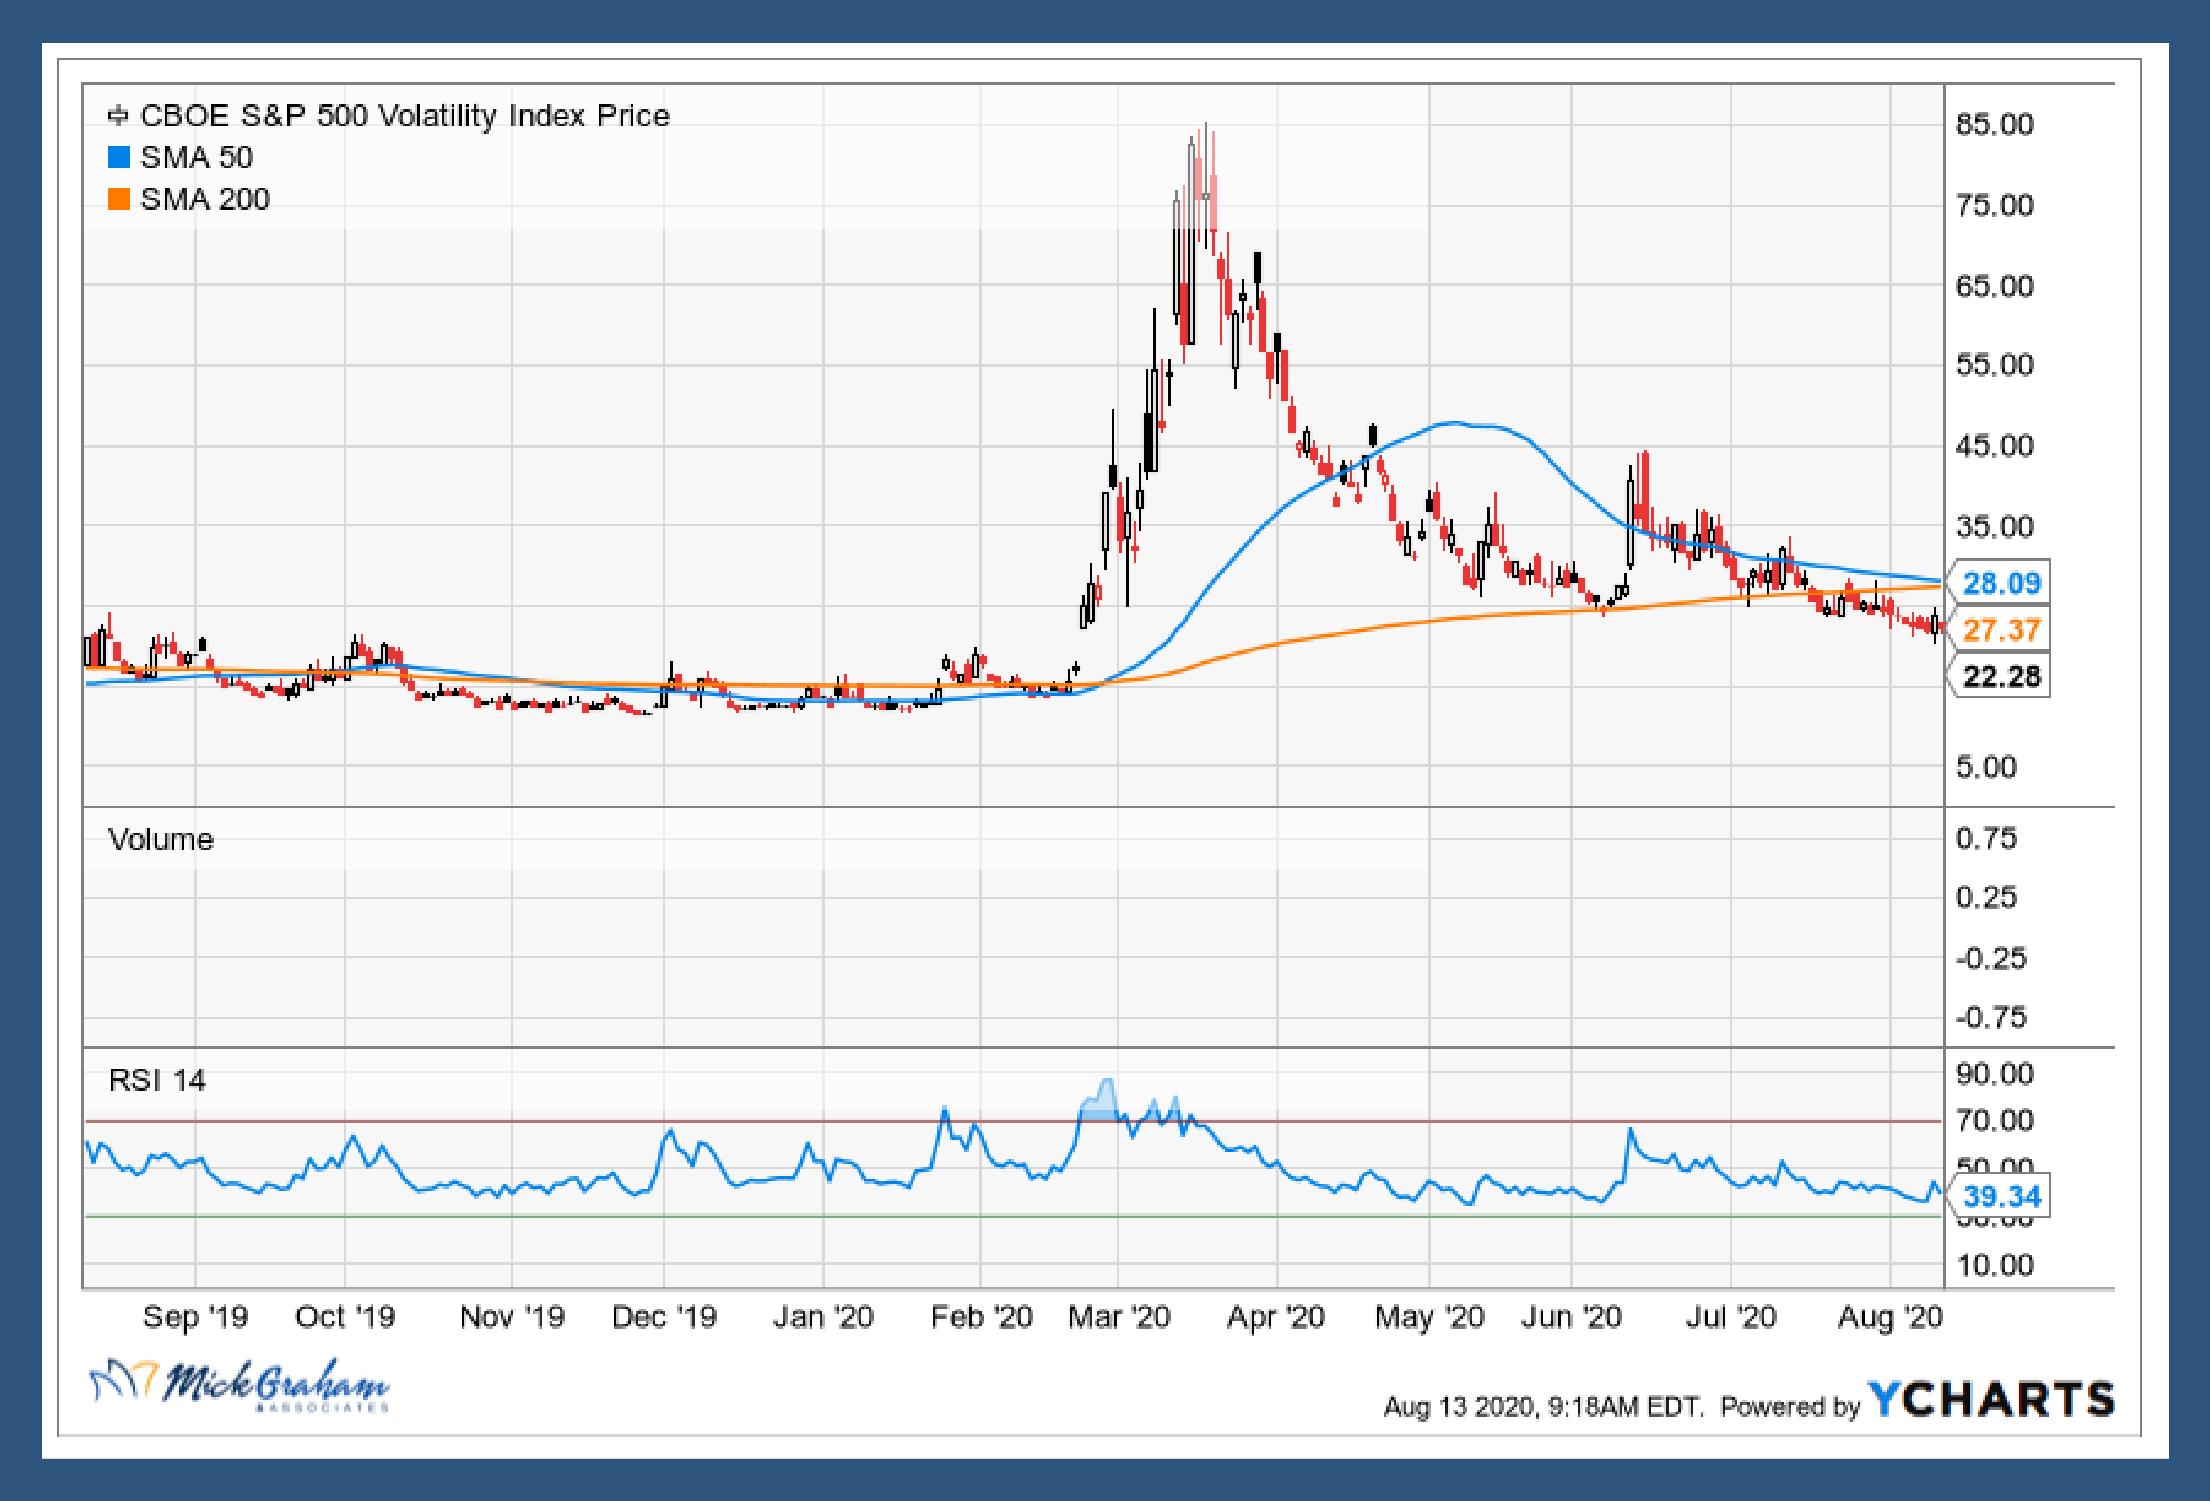 S&P 500 Volatility Index